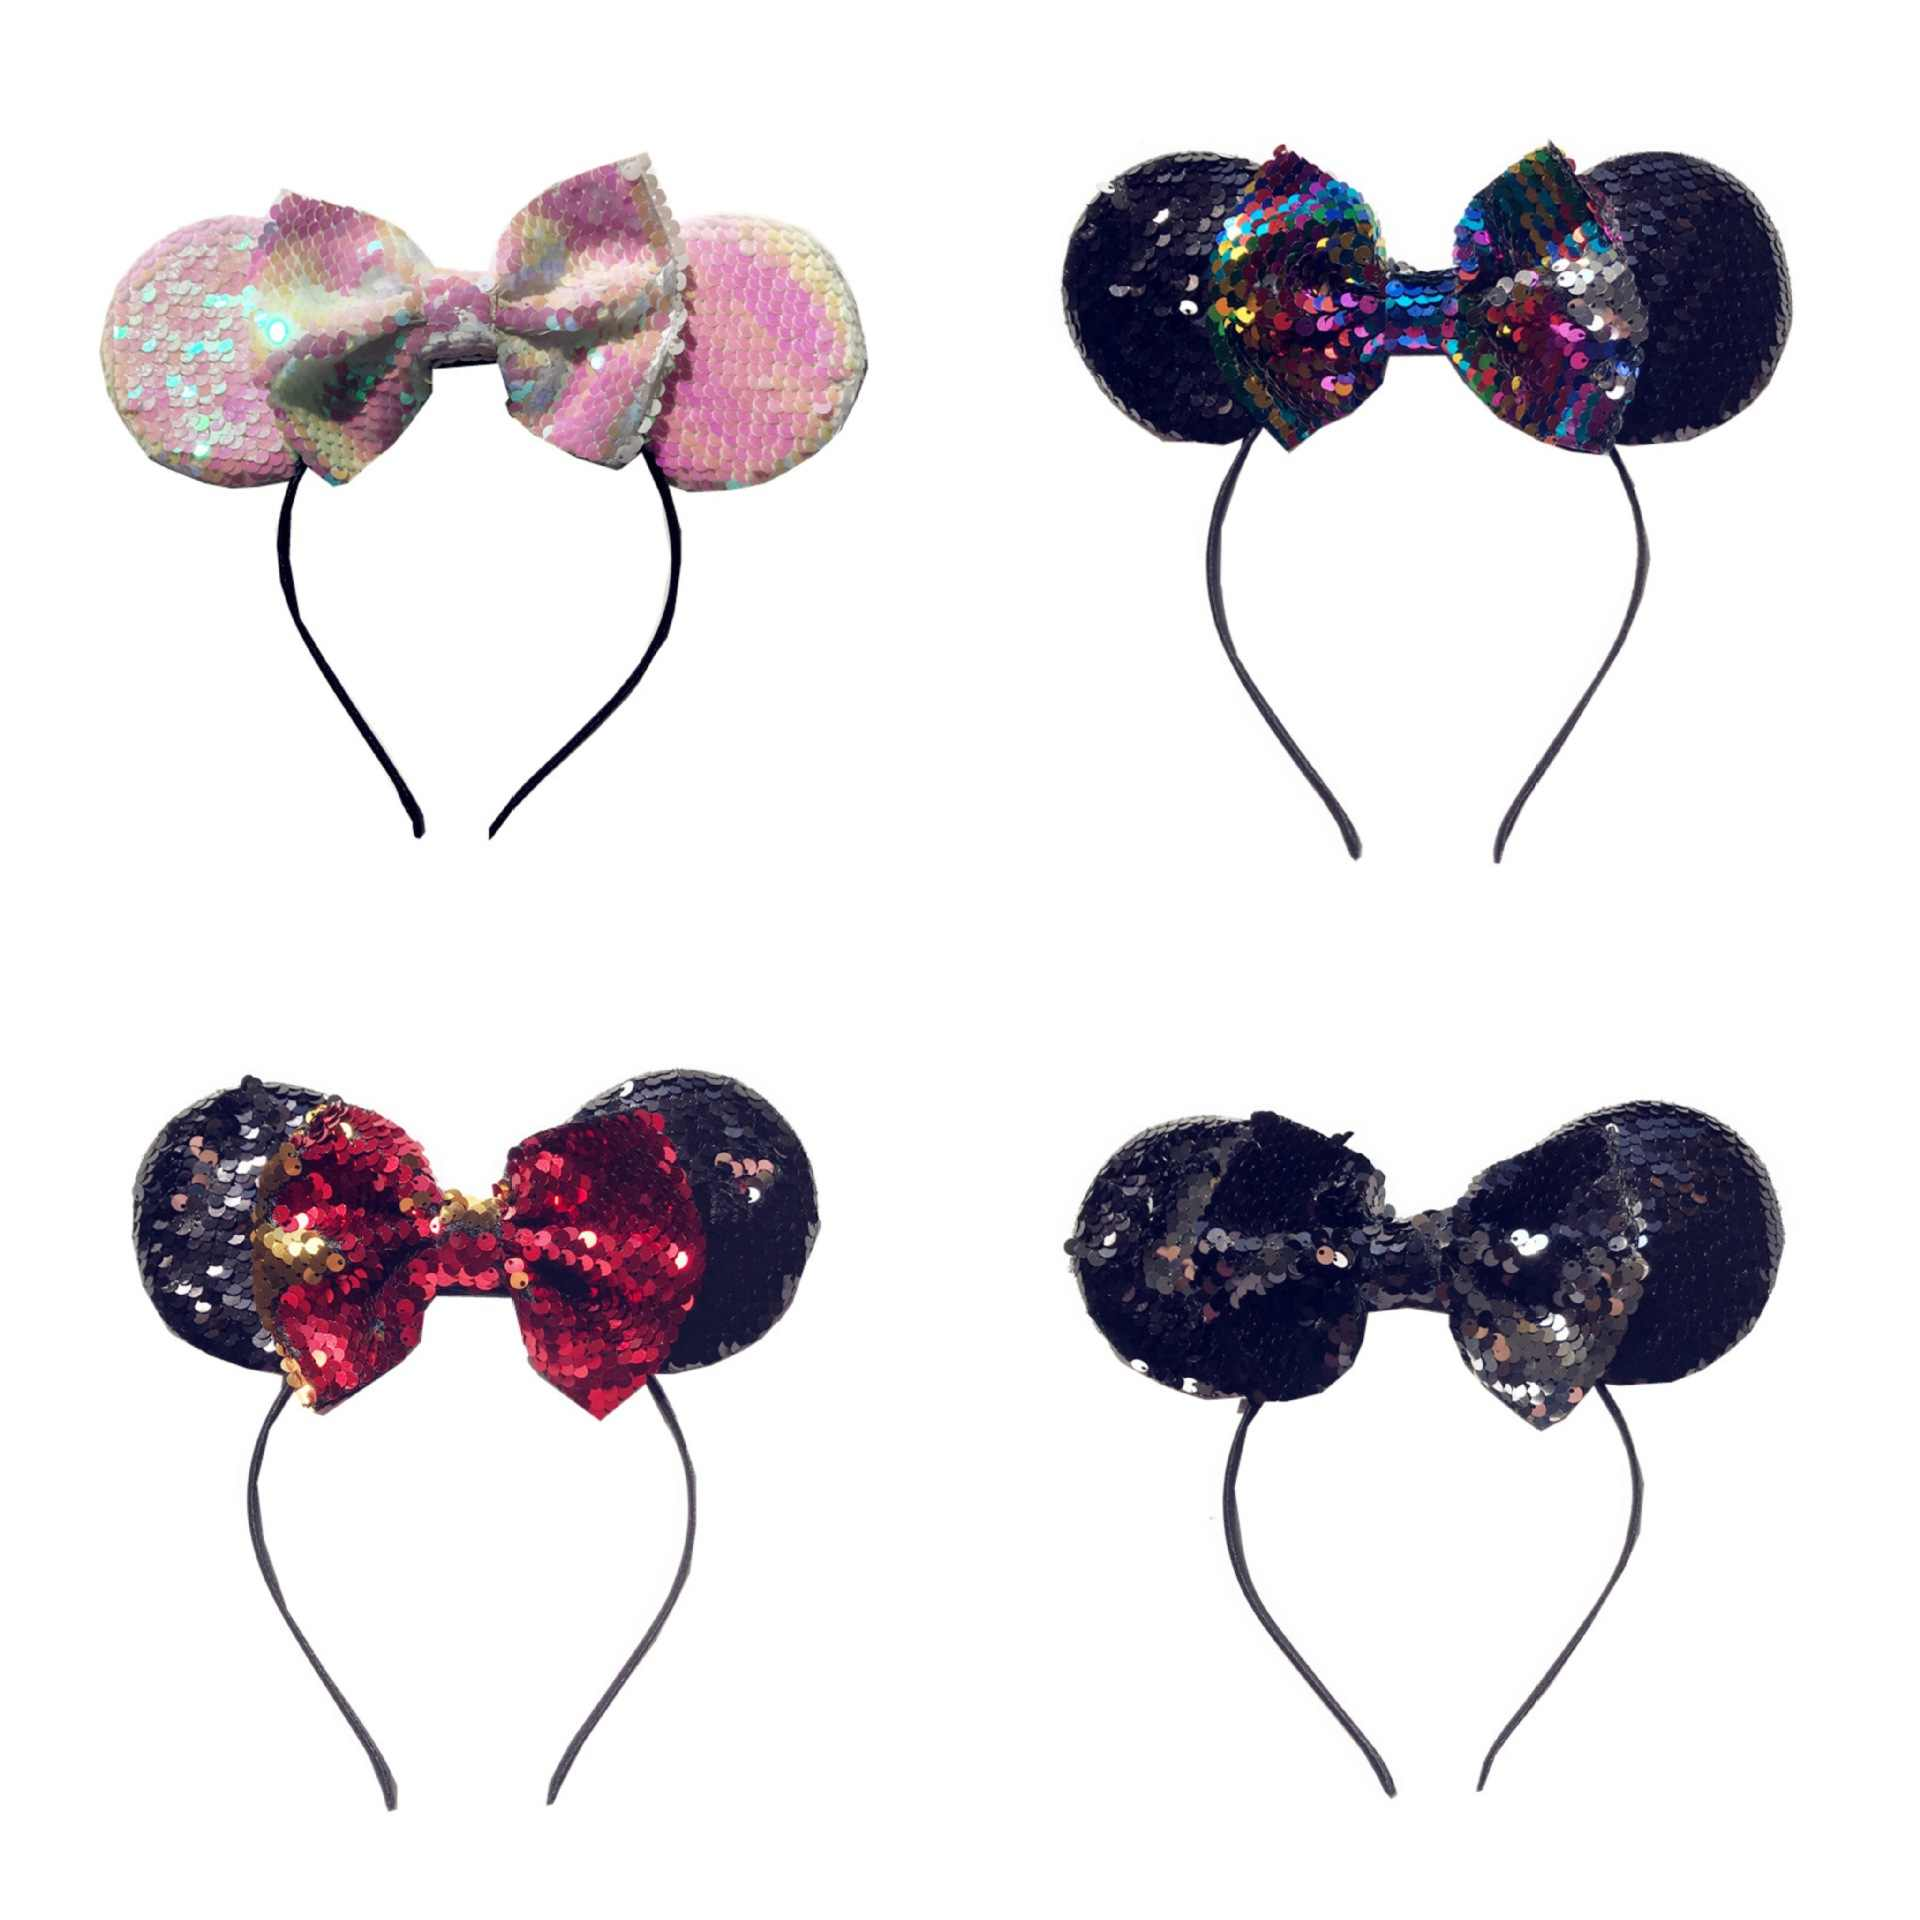 Повязка на голову с ушками Микки для новорожденных девочек красота навсегда Принцесса аксессуары для волос Детские Тюрбан повязки на голову повязка для волос для девочек